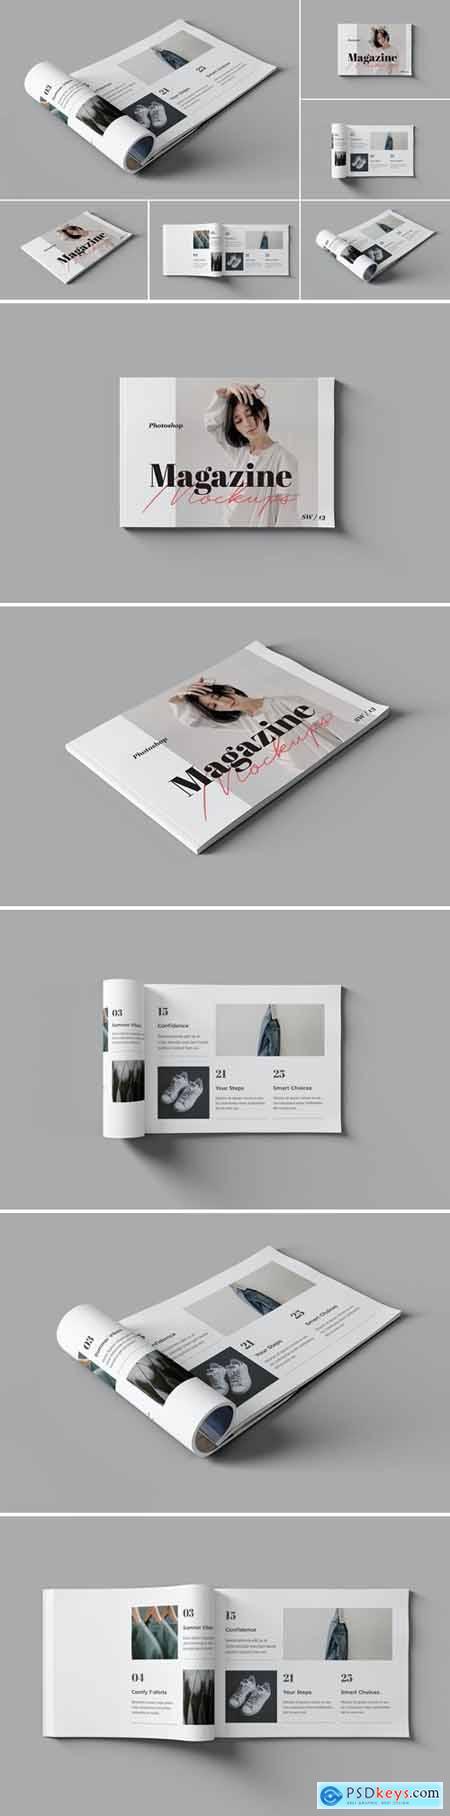 Landscape Magazine - Book Mockups